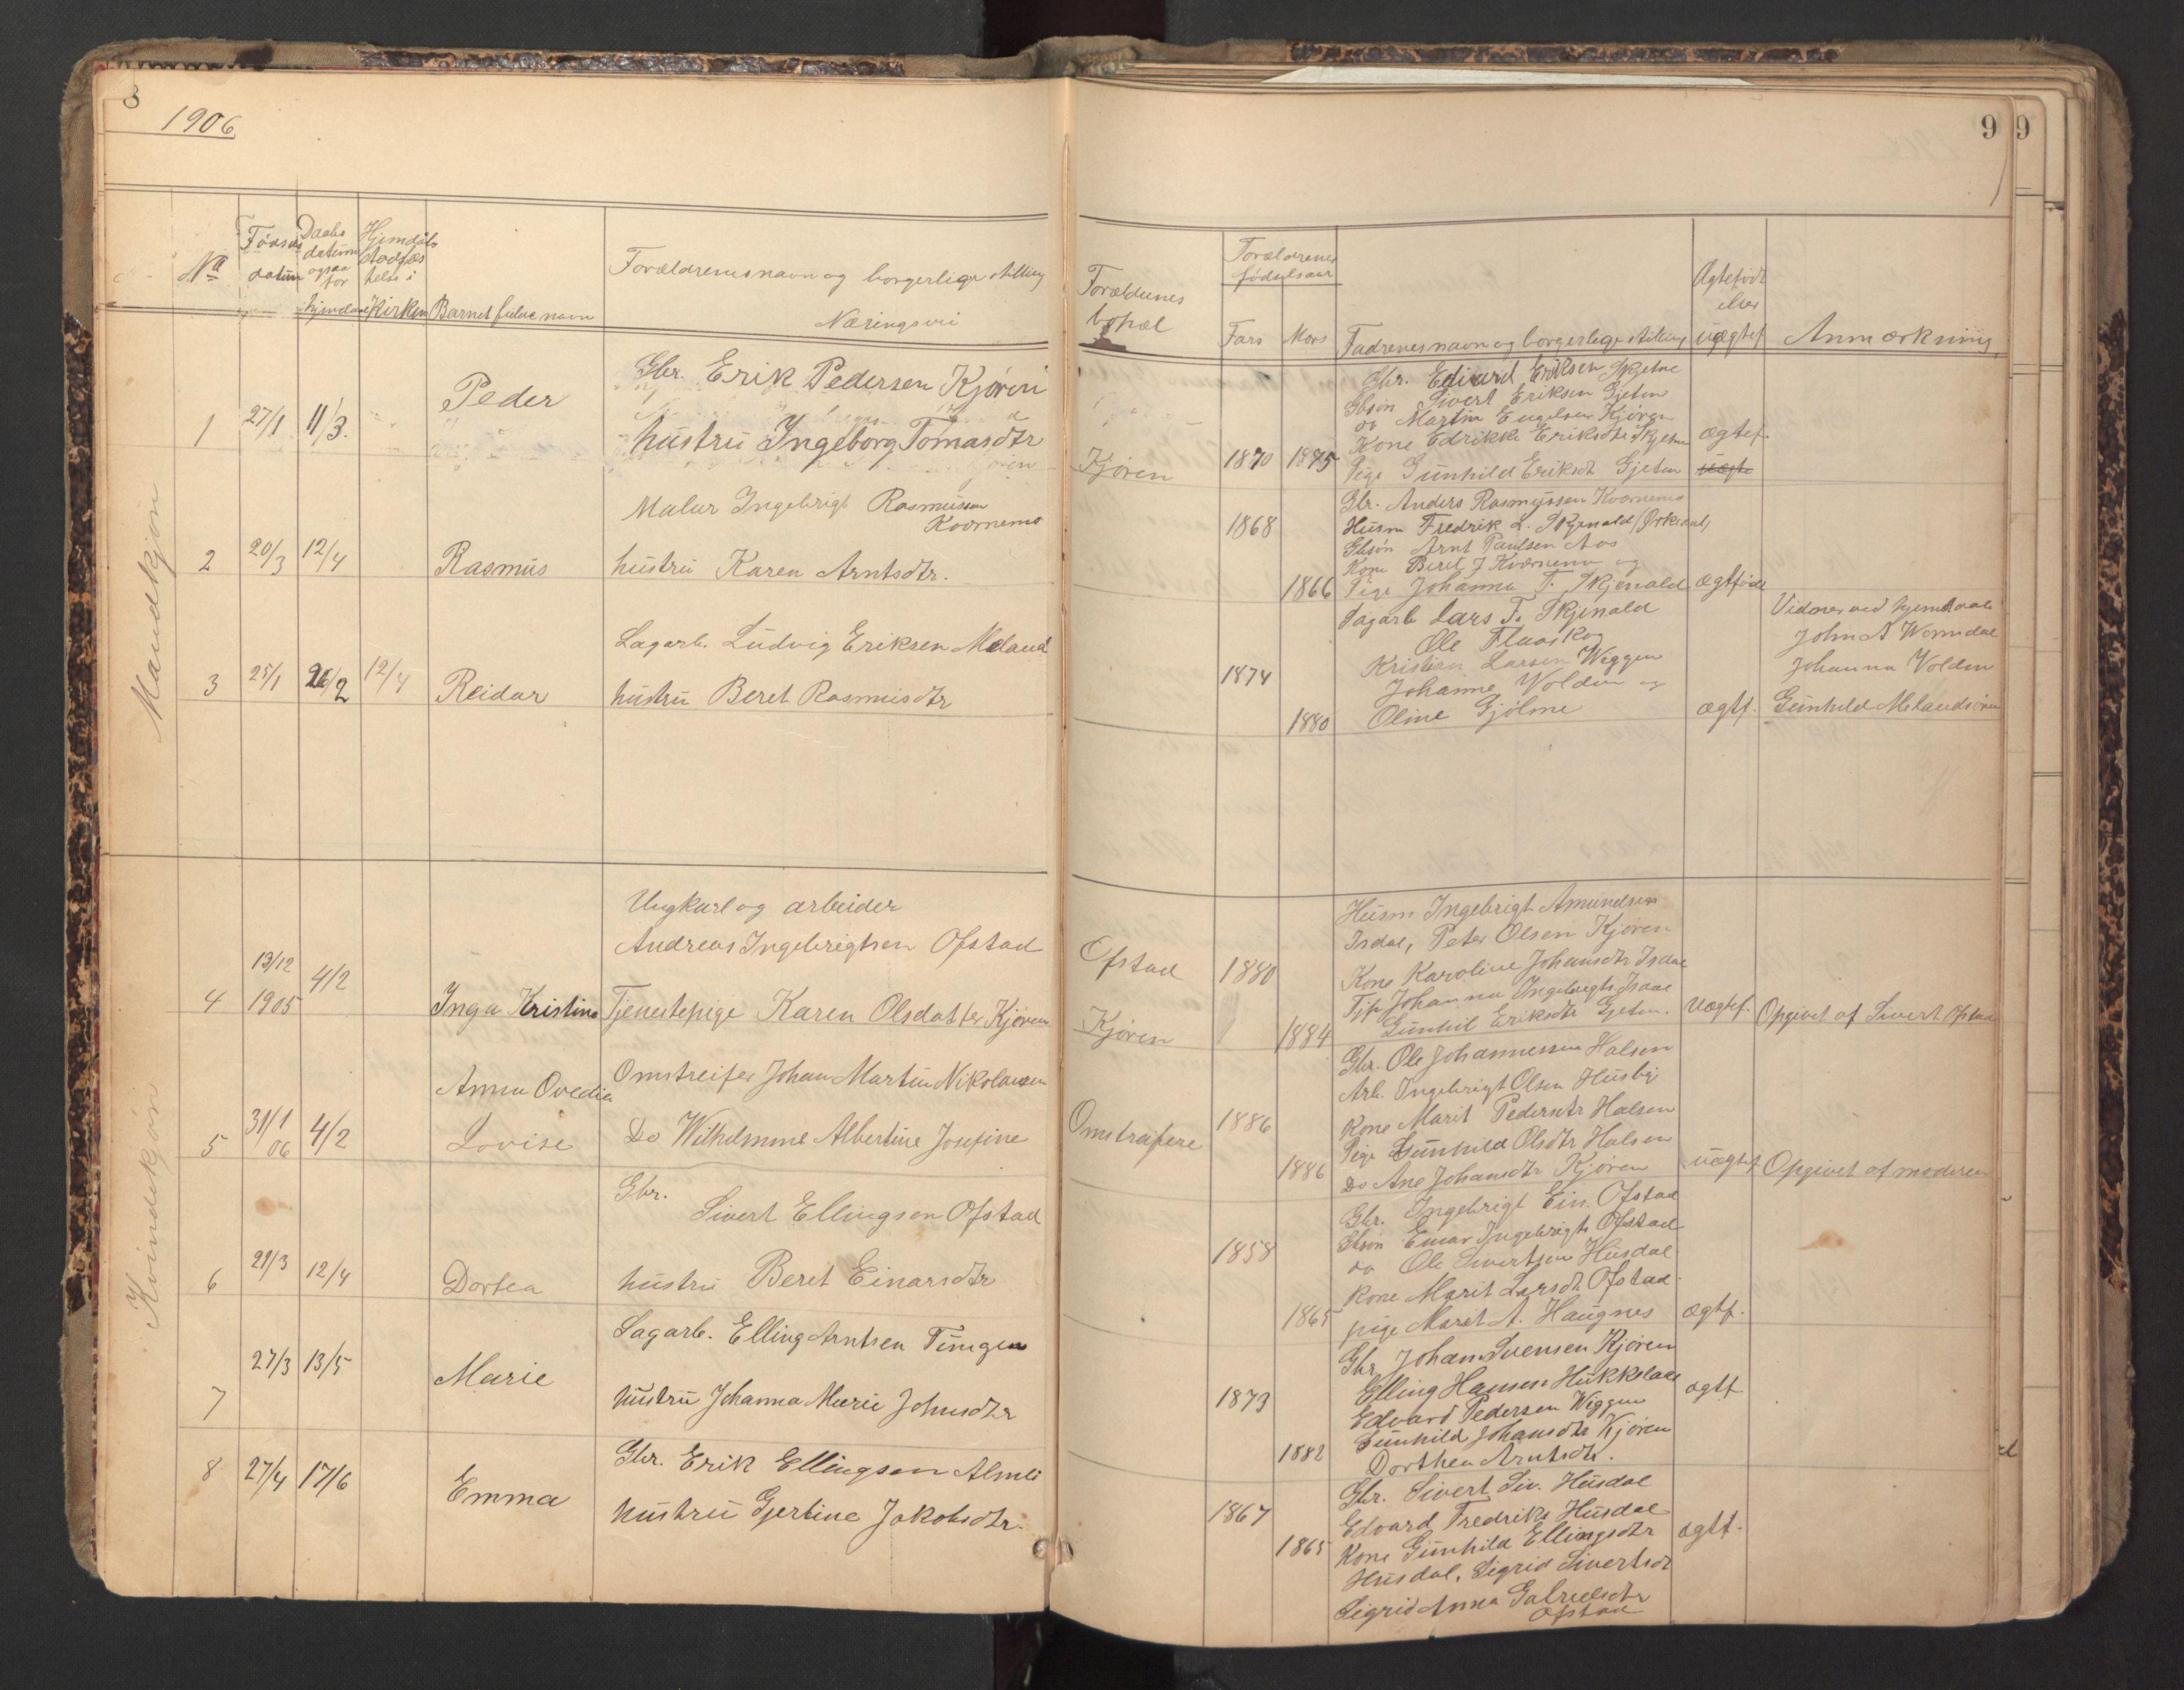 SAT, Ministerialprotokoller, klokkerbøker og fødselsregistre - Sør-Trøndelag, 670/L0837: Klokkerbok nr. 670C01, 1905-1946, s. 8-9